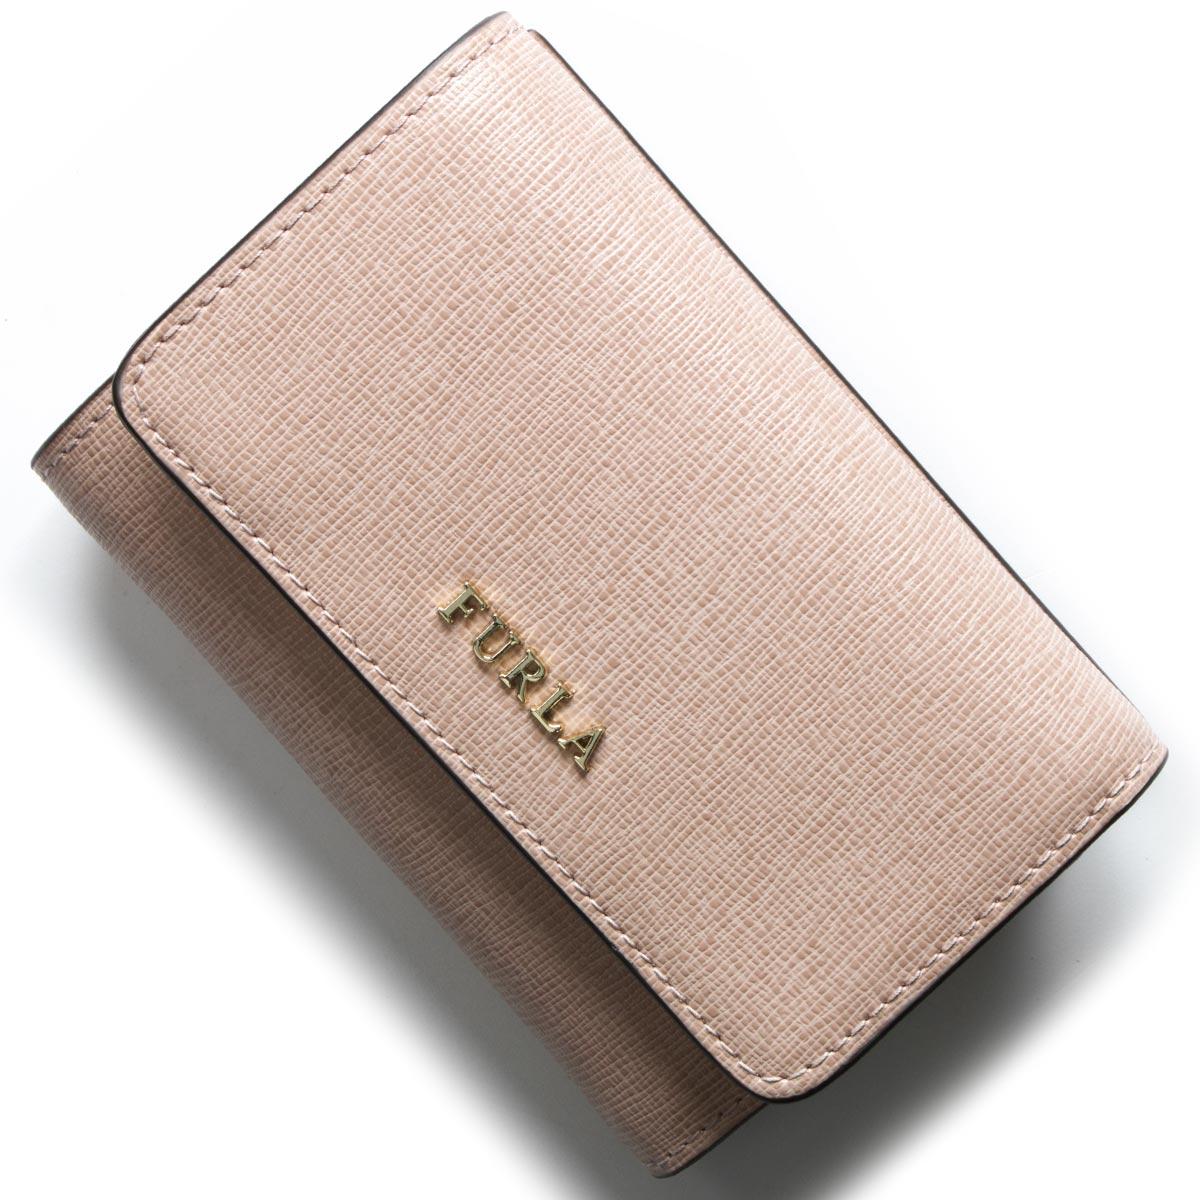 フルラ 三つ折り財布 財布 レディース バビロン ムーンストーンベージュ PR76 B30 6M0 FURLA